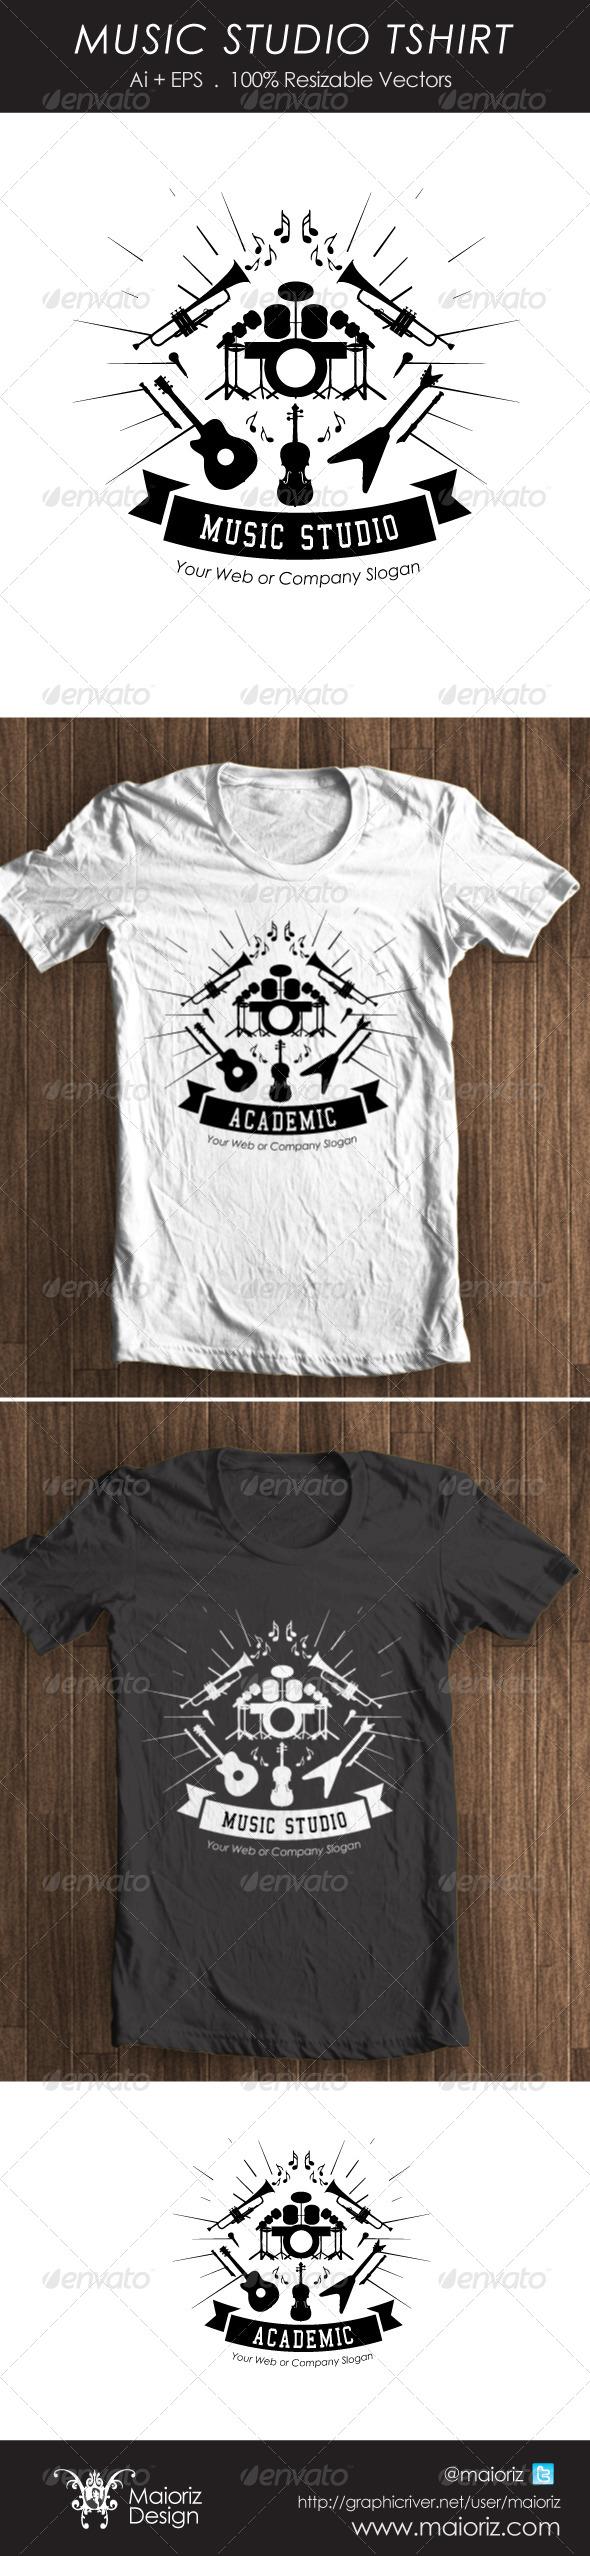 GraphicRiver Music Studio Tshirt 4367307